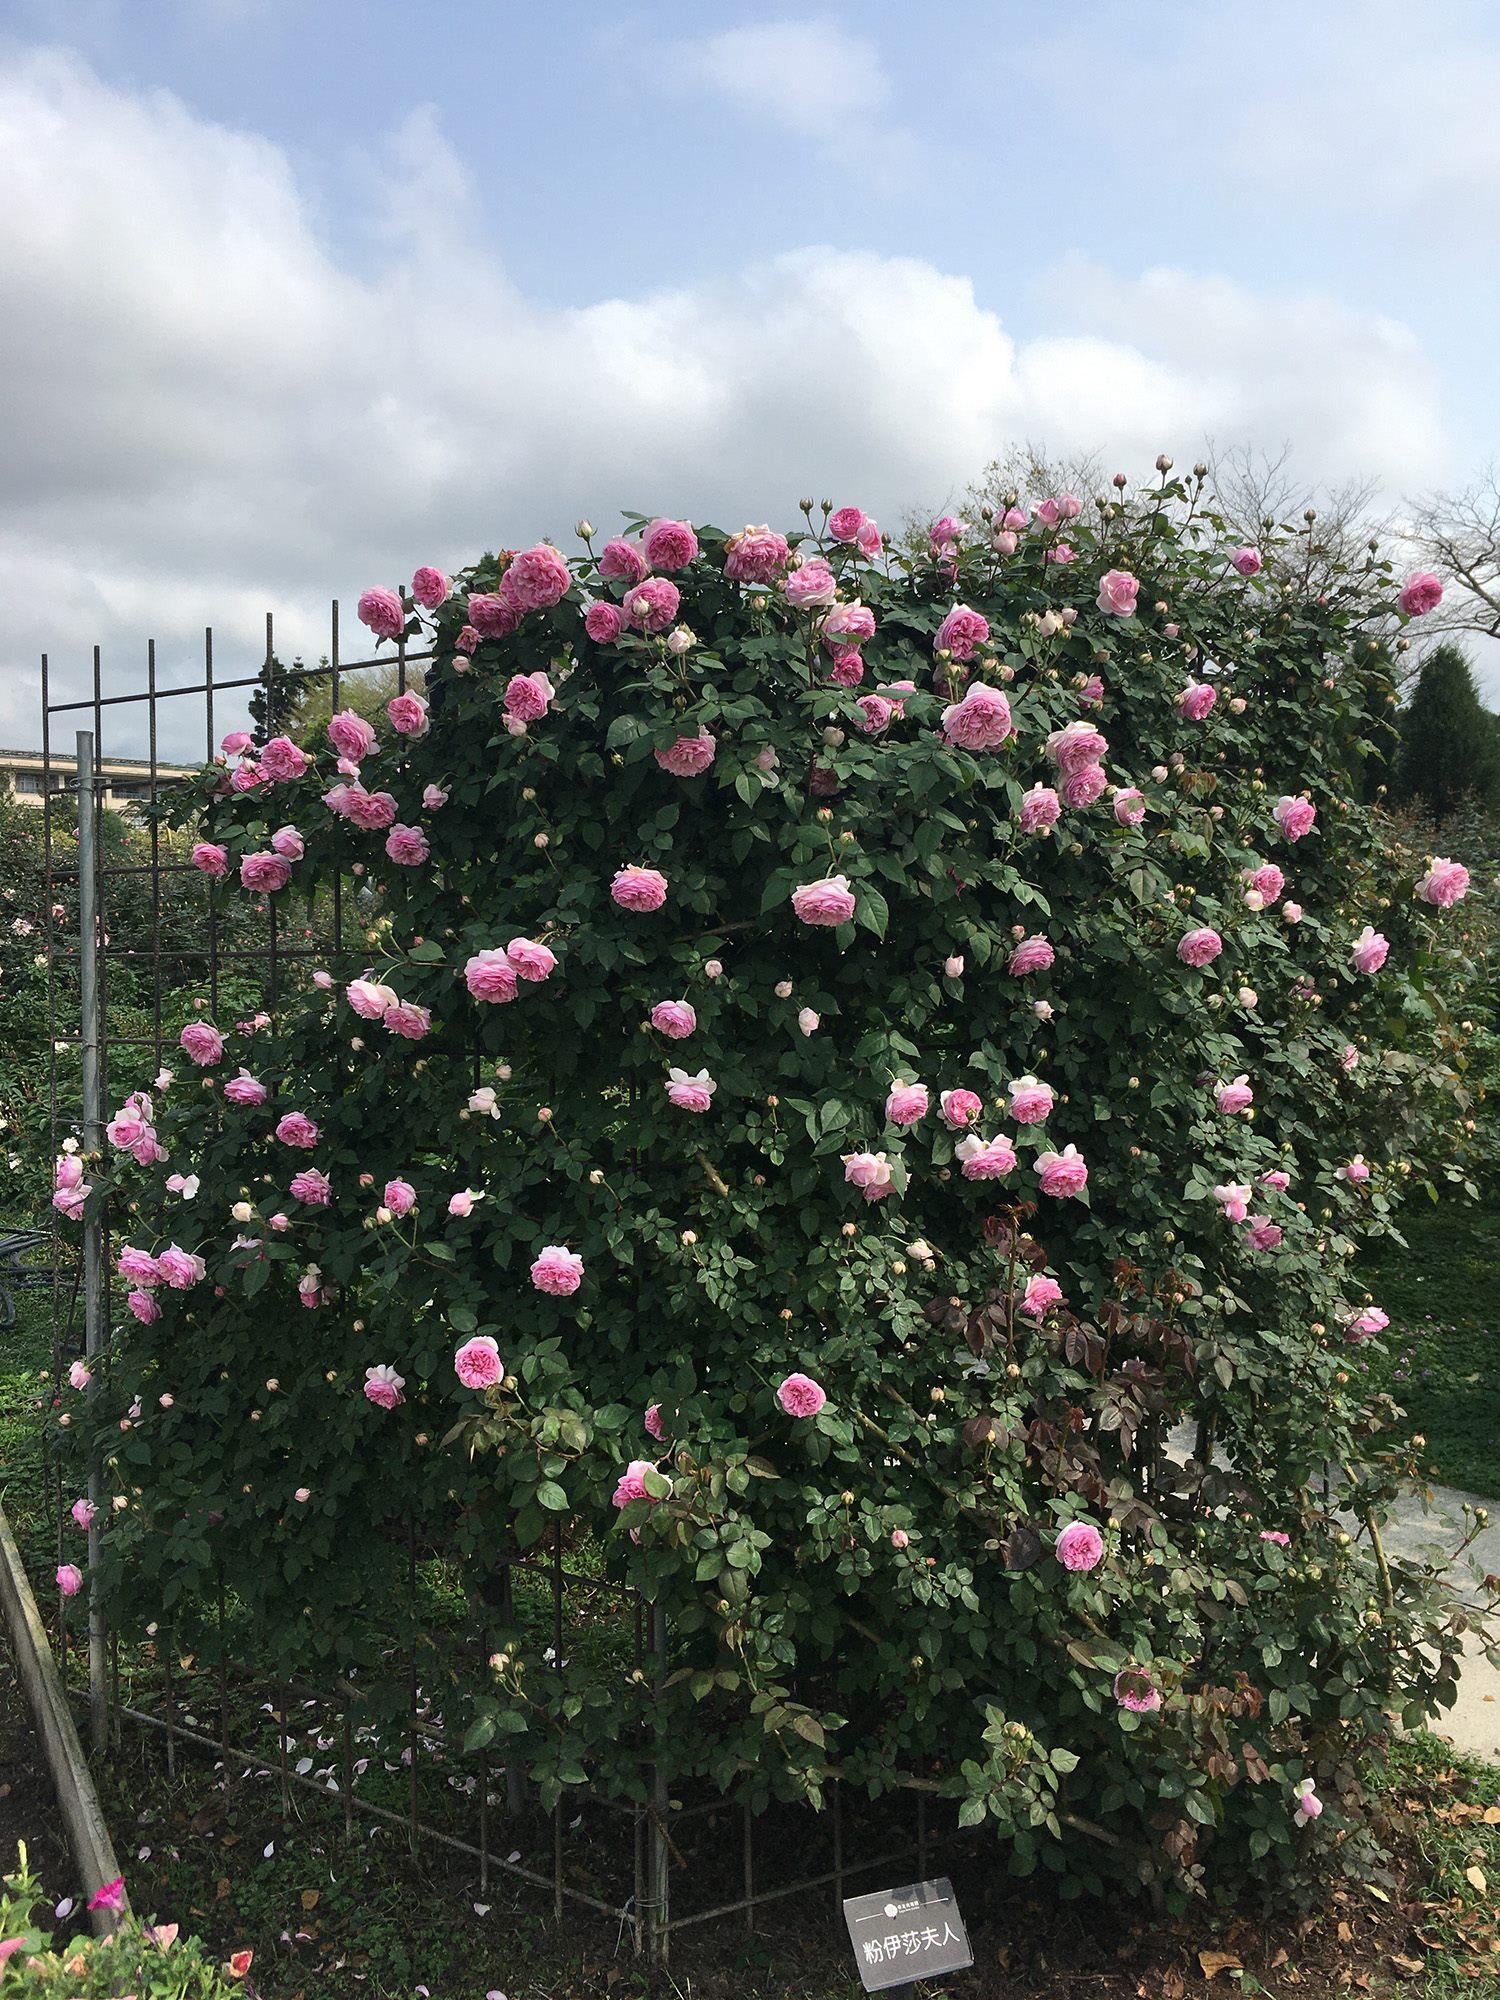 圖1一季蔓玫「粉伊莎夫人」粉紅的花瓣與含苞待放的花朵在綠葉襯托下格外的嬌嫩。